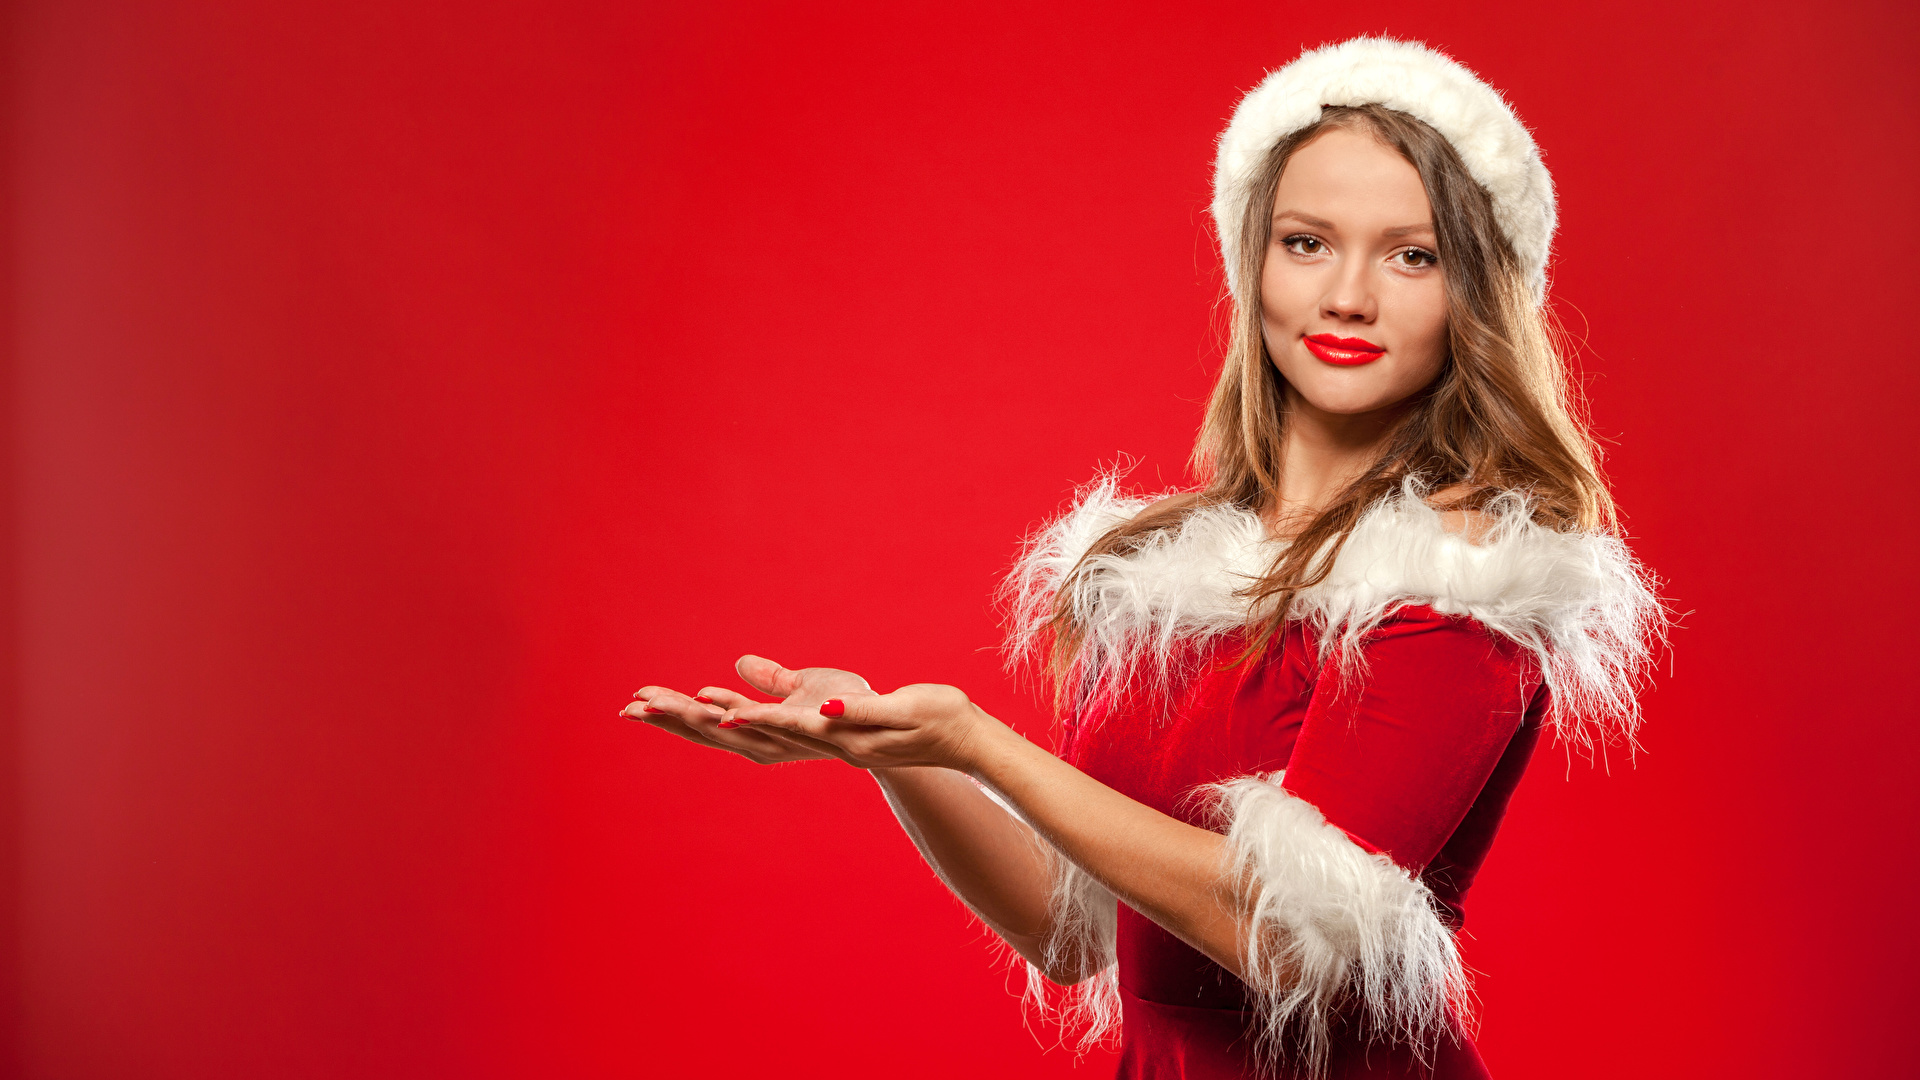 Bilder Neujahr Braune Haare Mädchens Hand Uniform Blick Roter Hintergrund 1920x1080 Braunhaarige Starren